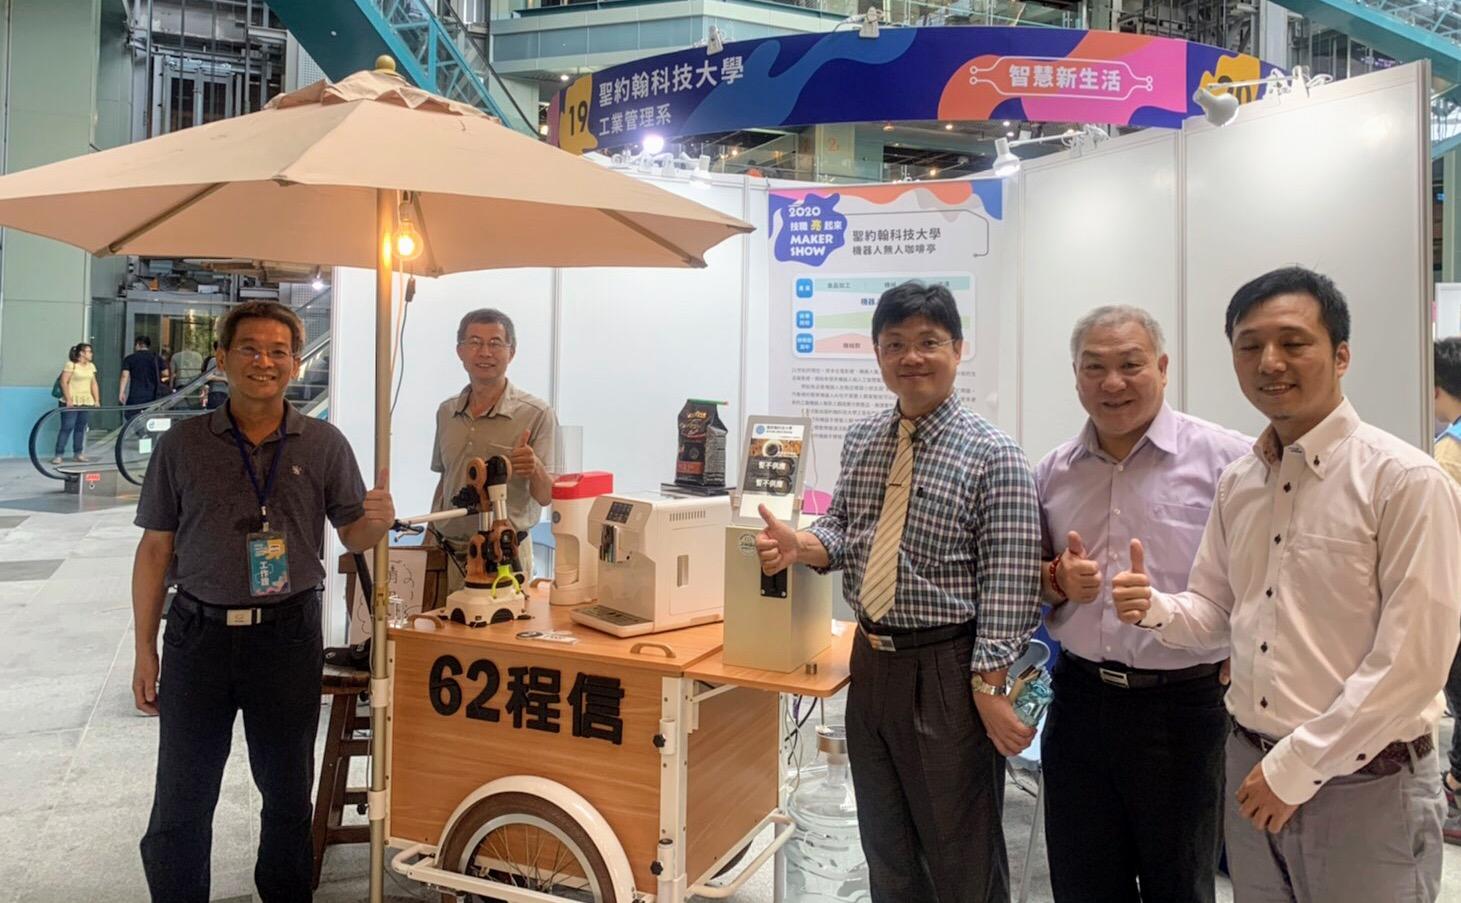 聖約翰科大機器人咖啡餐車獨領風騷 體驗人潮絡繹不絕-技職亮起來